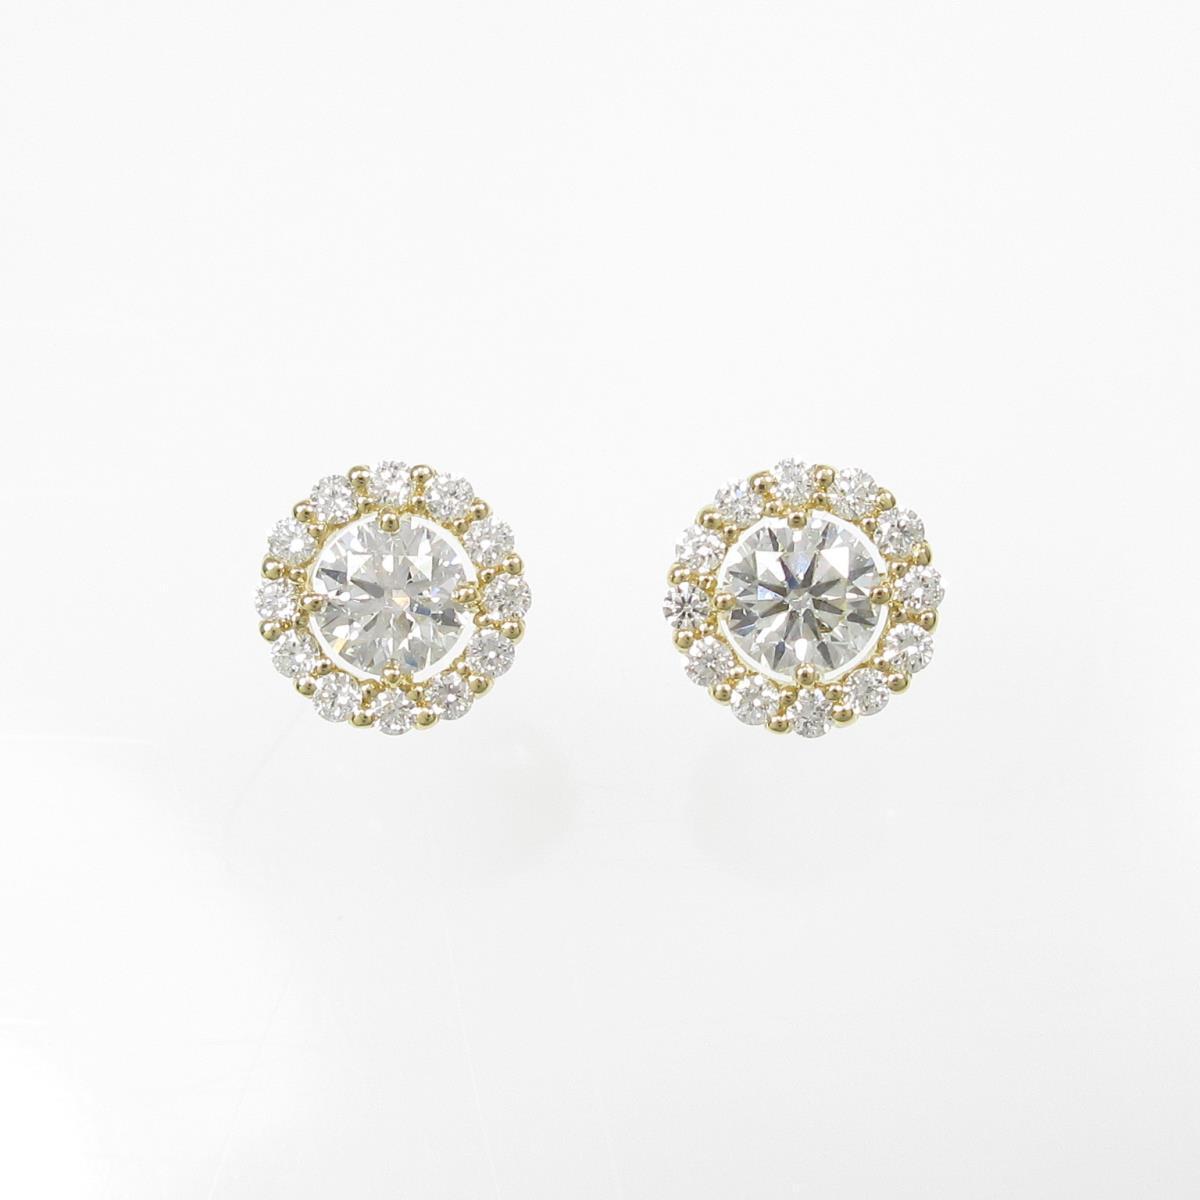 【新品】K18YG ダイヤモンドピアス 0.315ct・0.302ct・H・SI2・VG【新品】